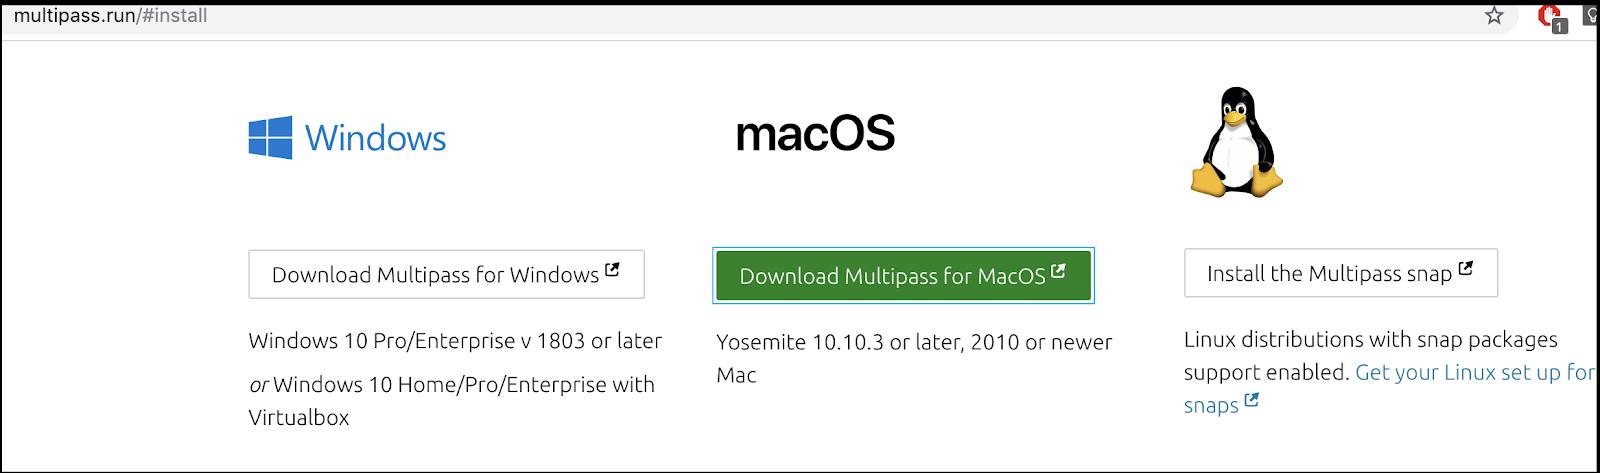 Ubuntu Multipass - Better than Docker?